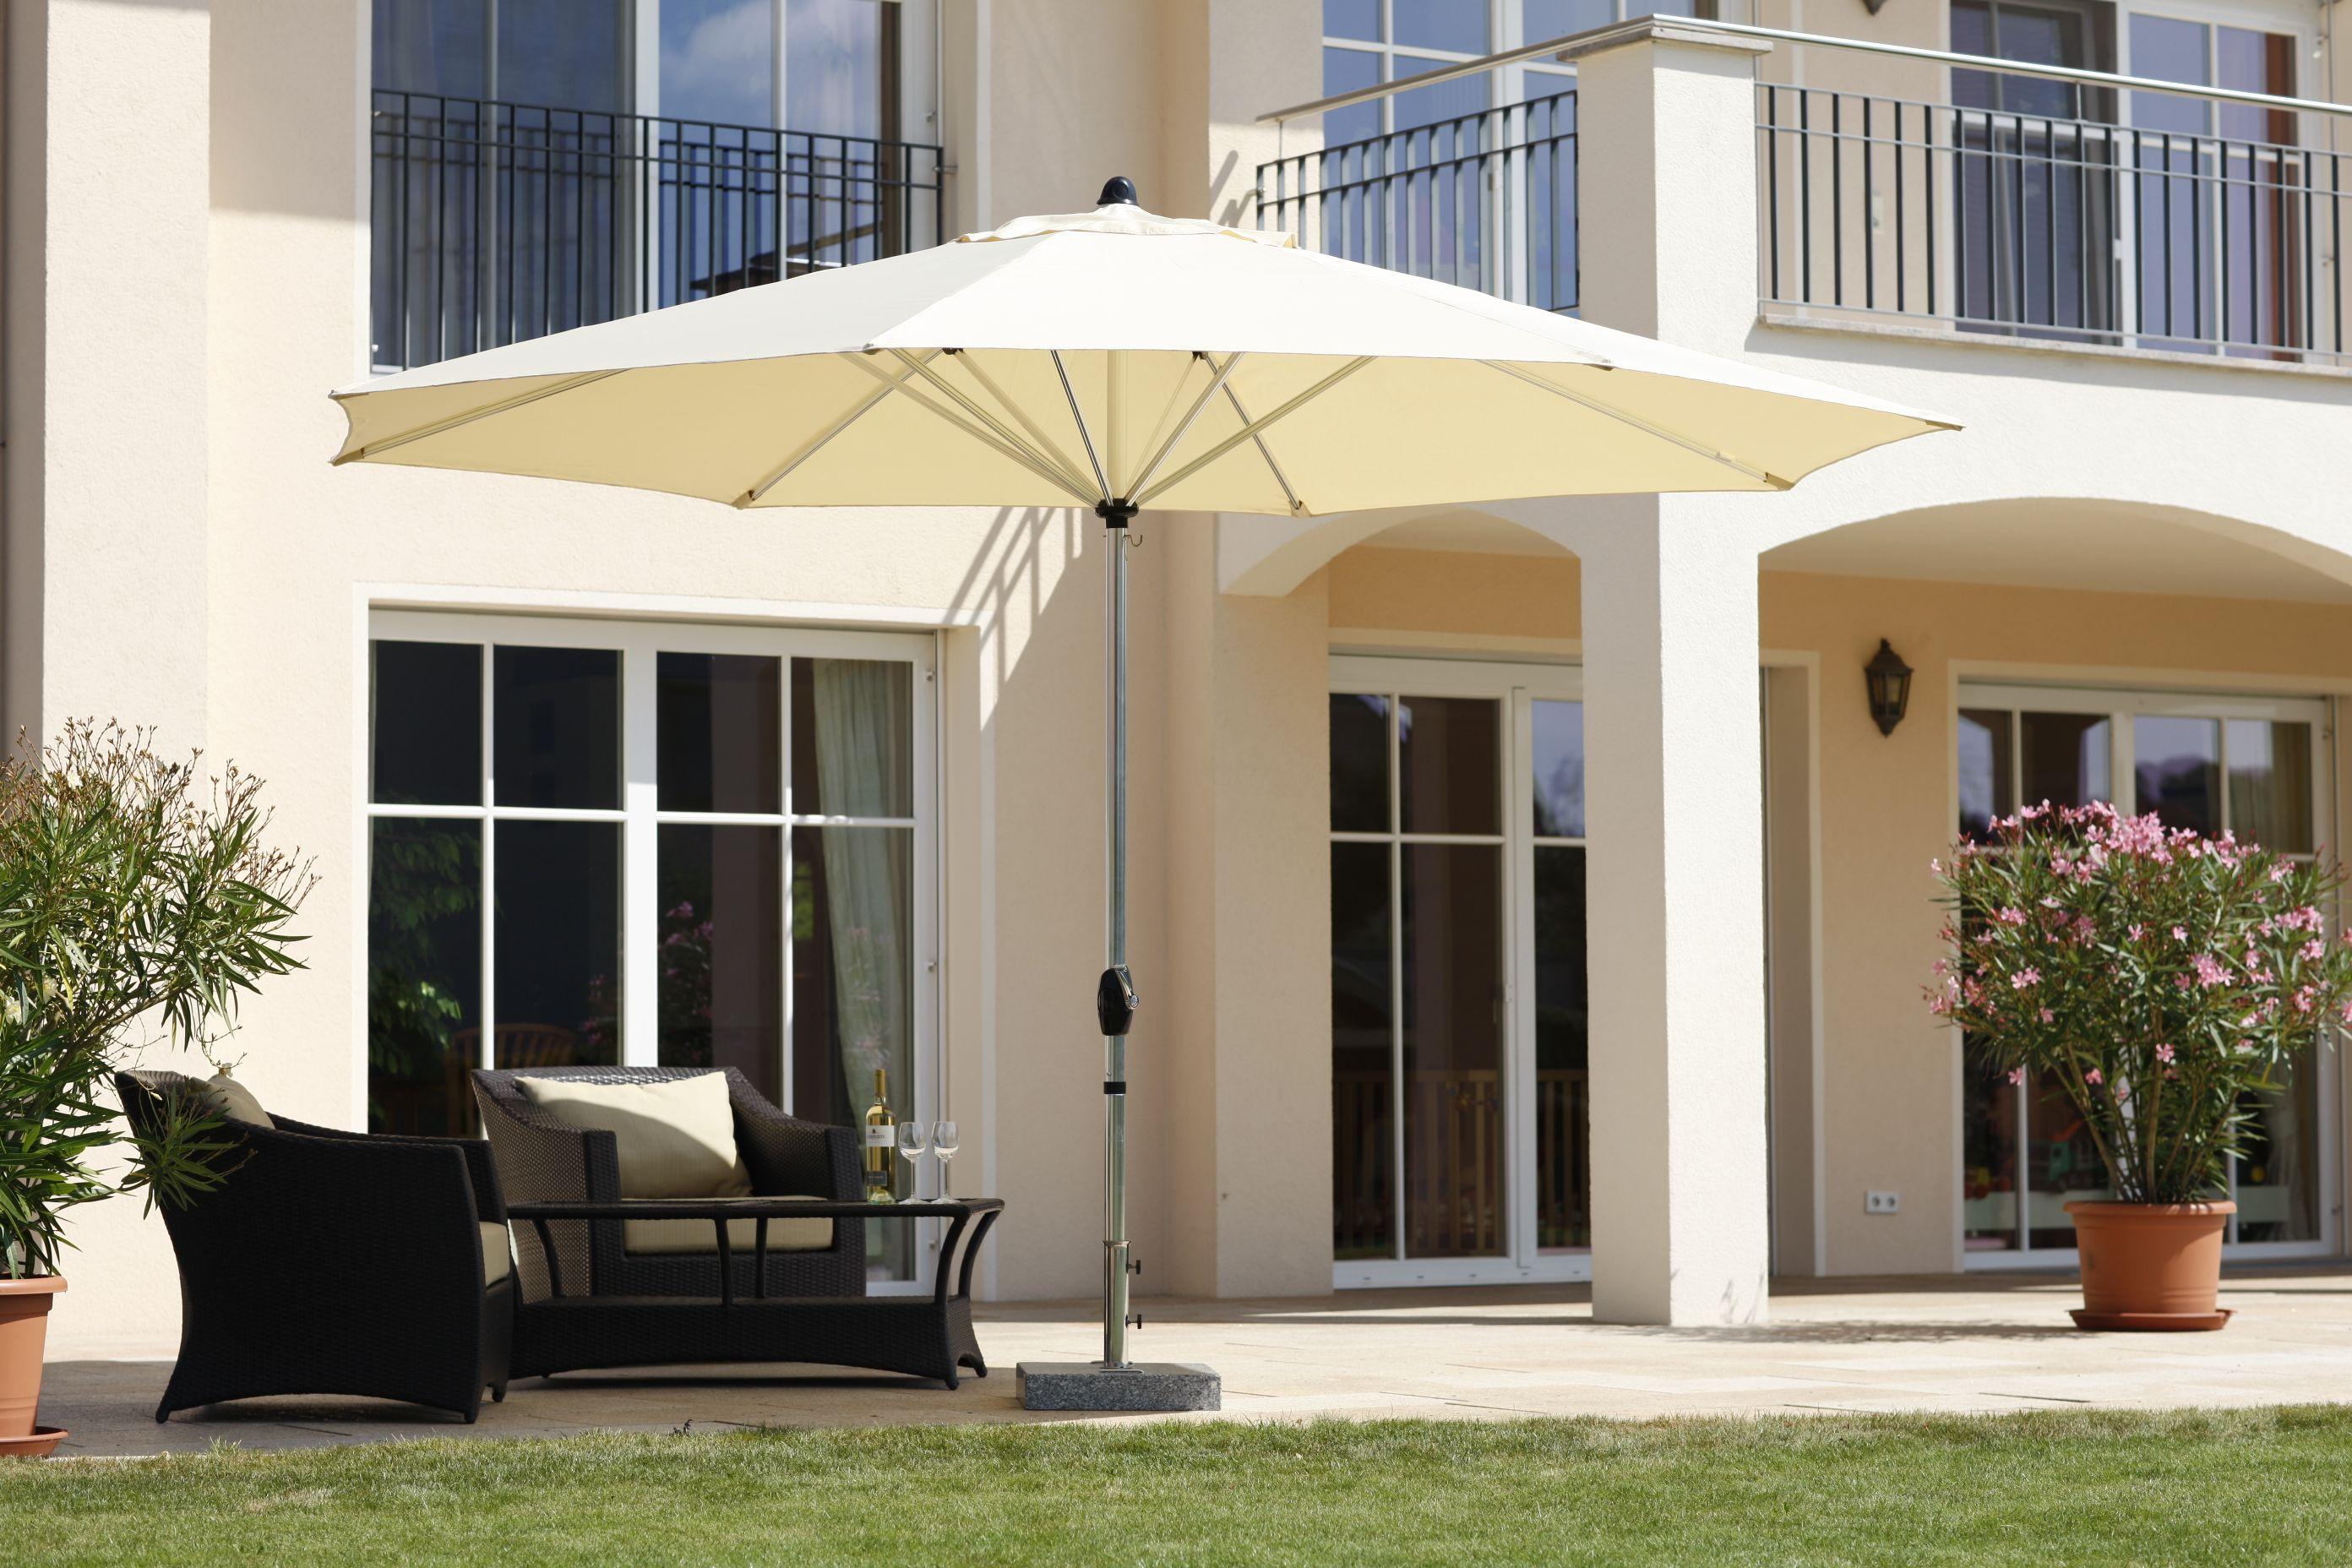 Schneider Sonnenschirm Florenz 400 Cm Rund Nature, Lifestyle Für ... Sonnenschirm Balkon Terrasse